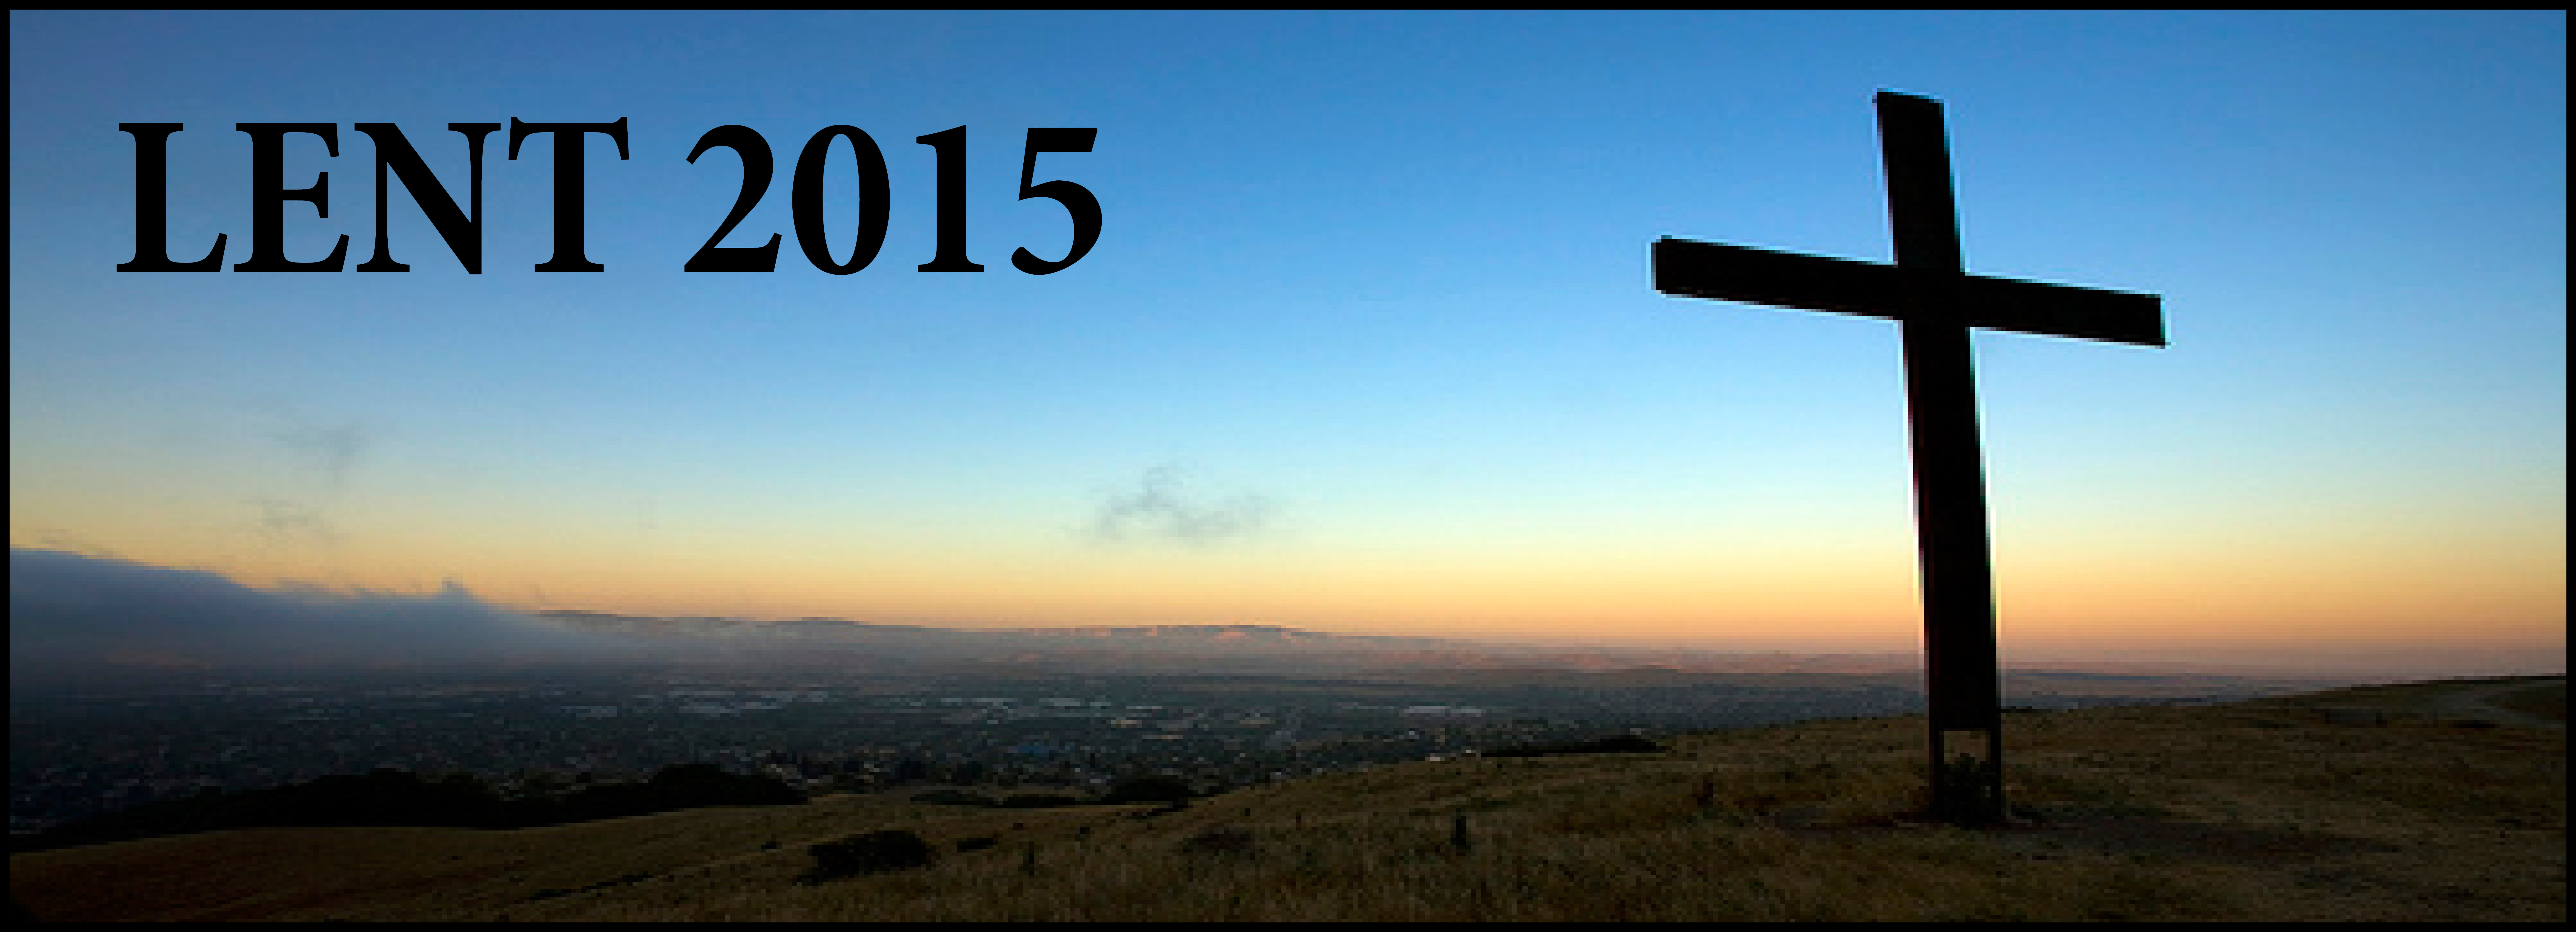 Lent 2015